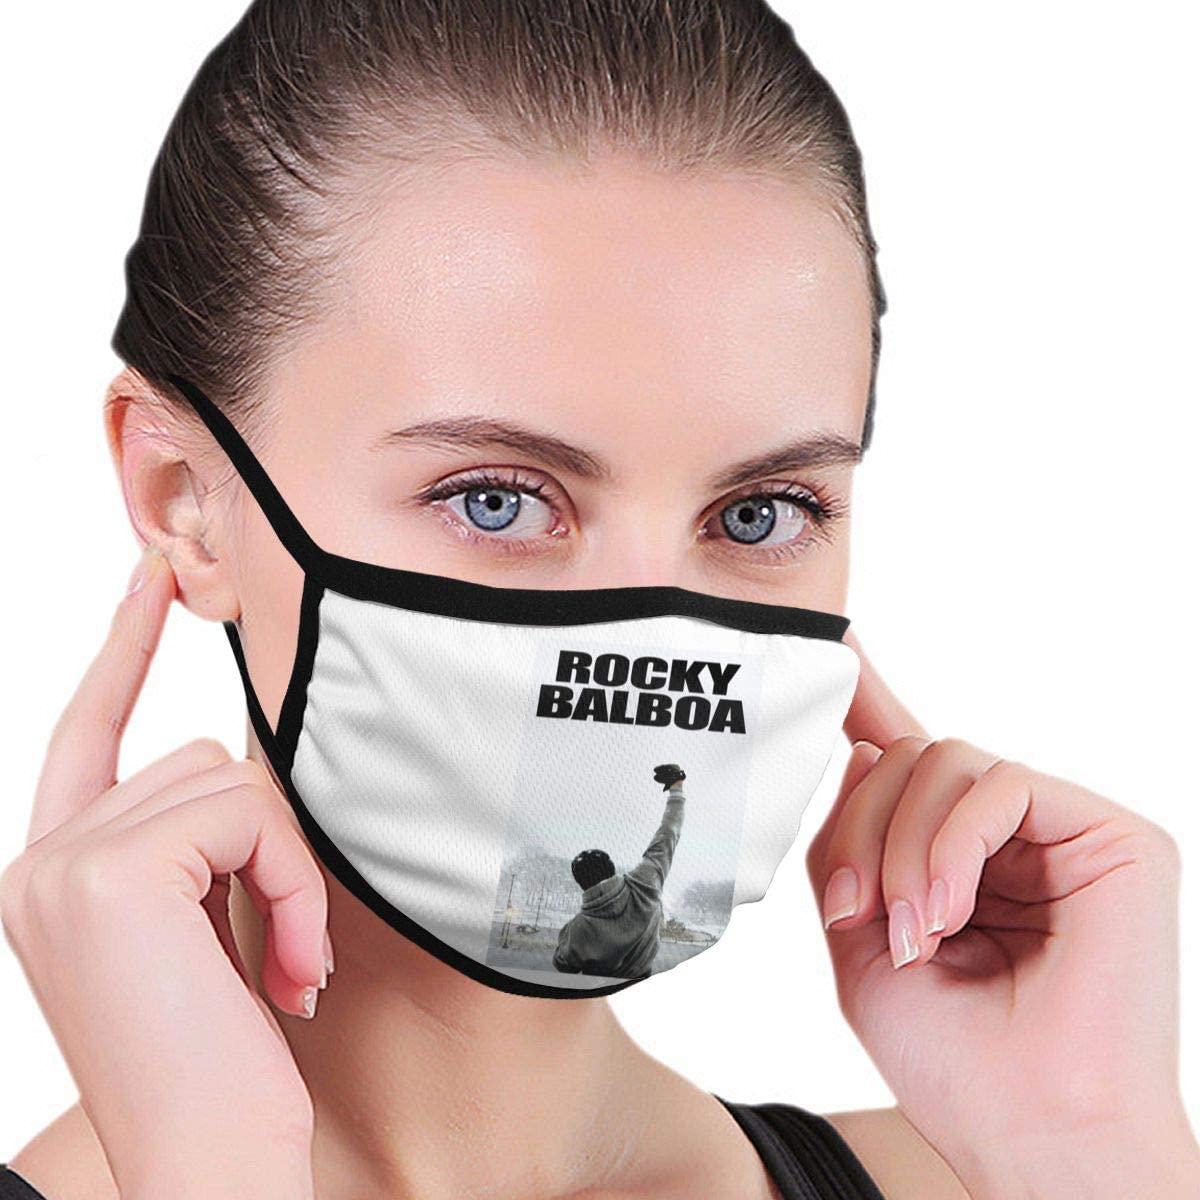 Nsafinhwv Rocky Balboa Face Breathable Comfy Mouth Unisex Half Face Comfortable Reusable for Men Women